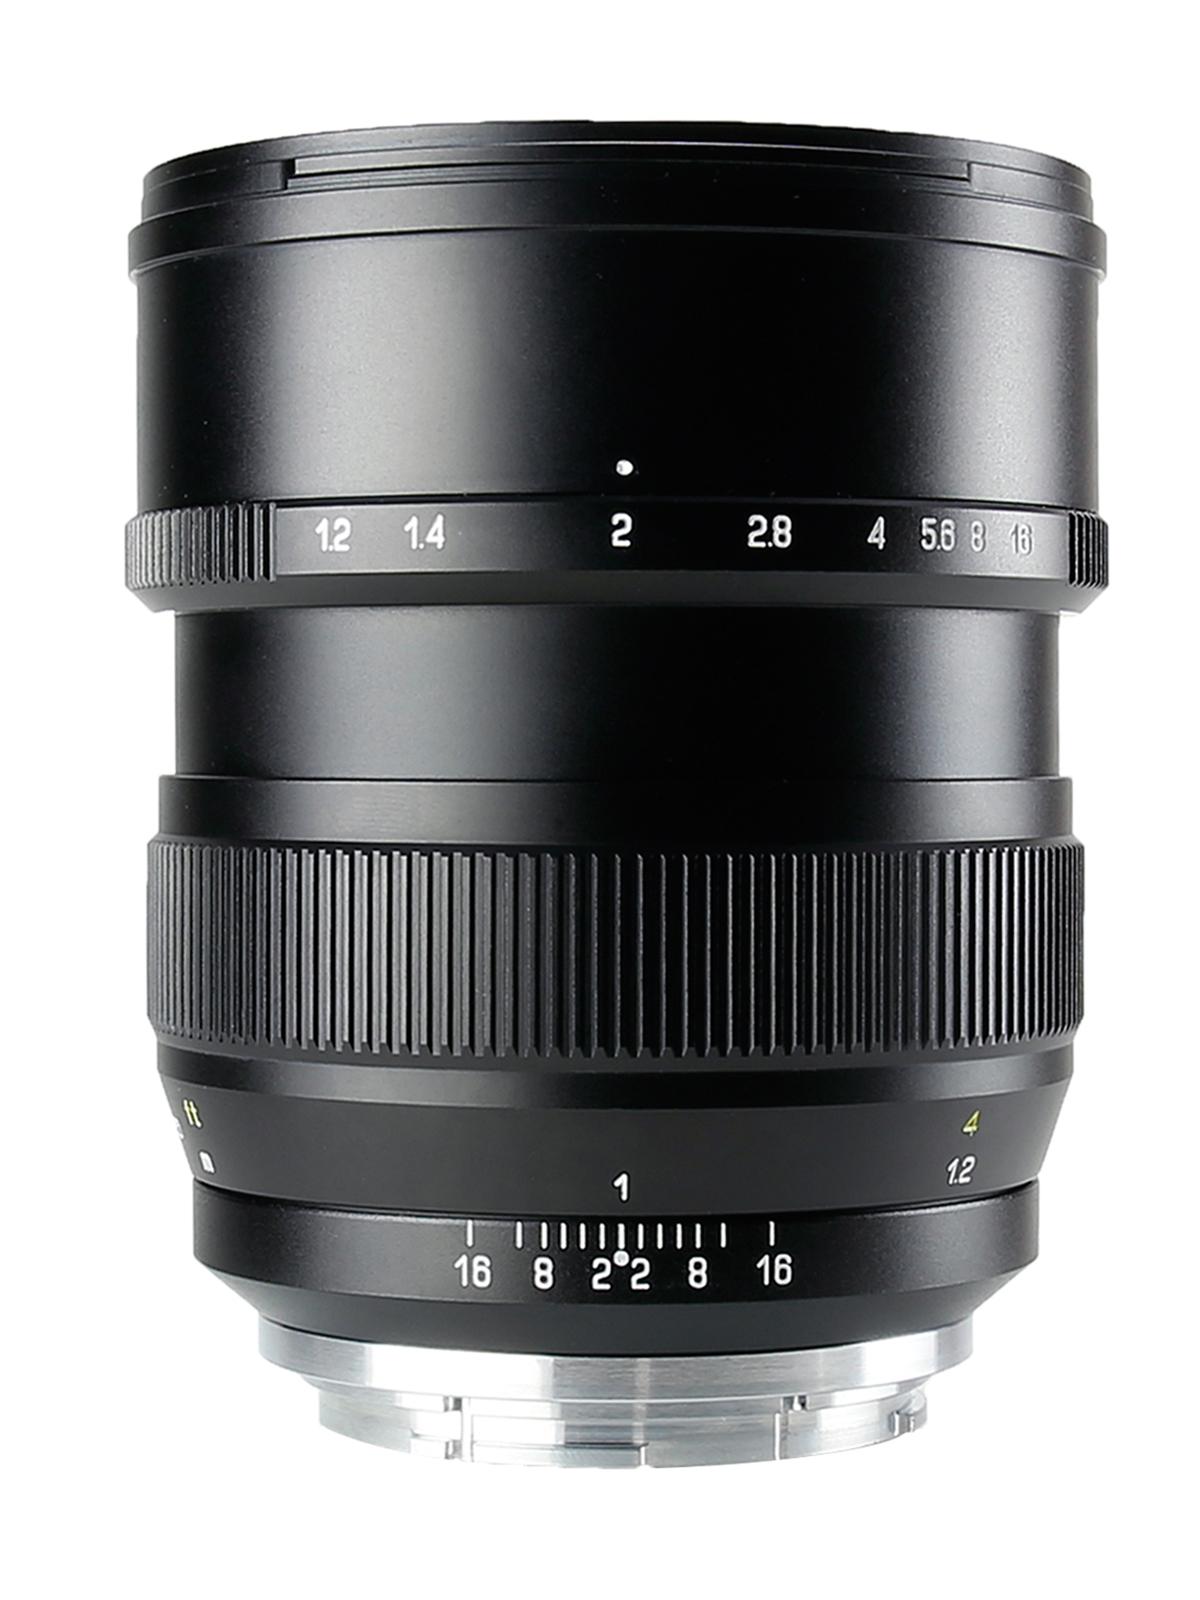 中一光学 SPEEDMASTER ZHONG 開催中 ファッション通販 YI OPTICS F1.2 85mm キヤノンEFマウント - 単焦点レンズ